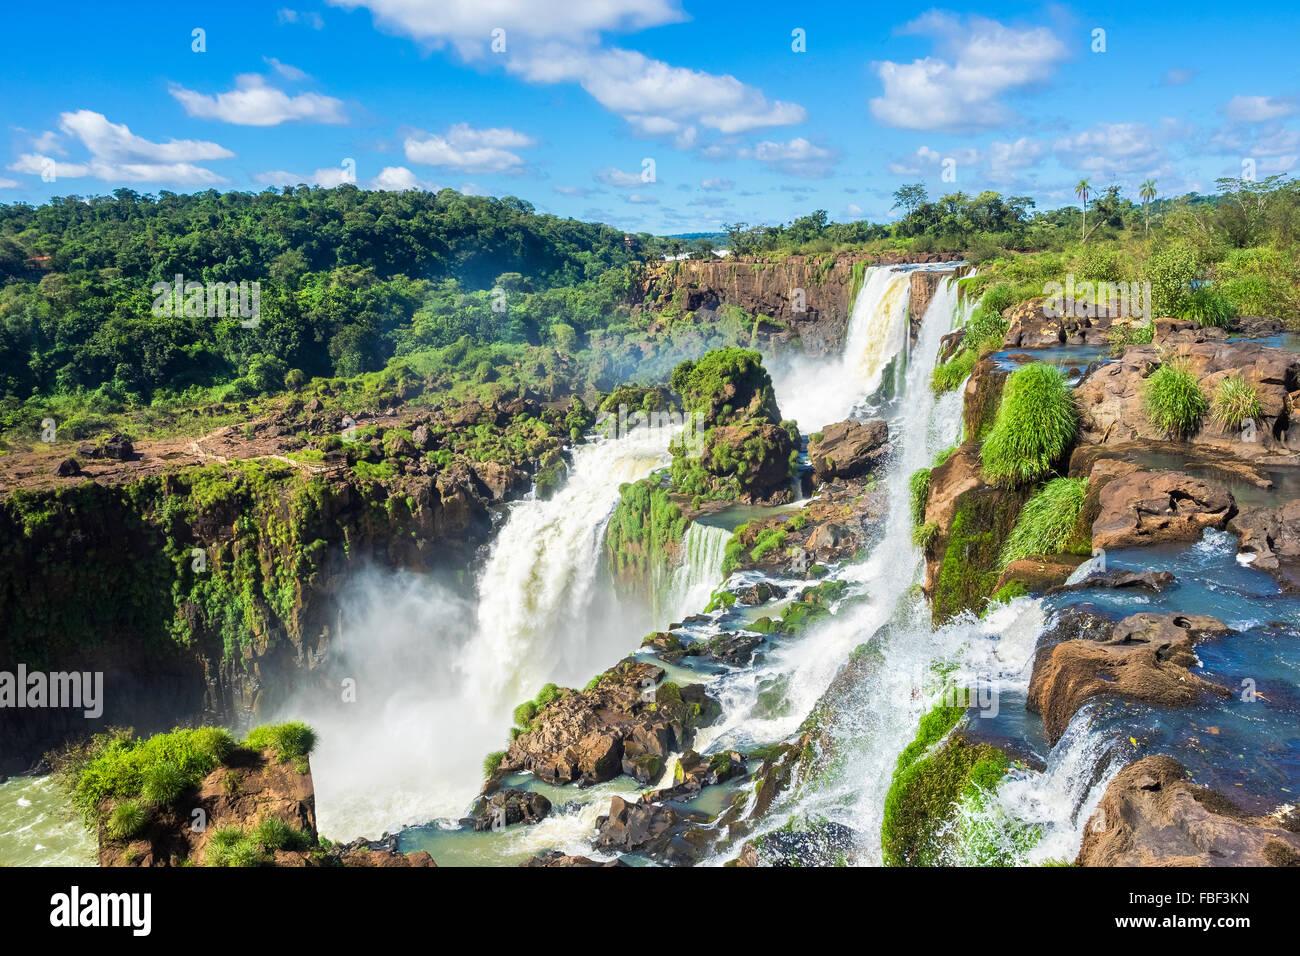 Cataratas del Iguazú, en la frontera de Argentina y Brasil. Imagen De Stock